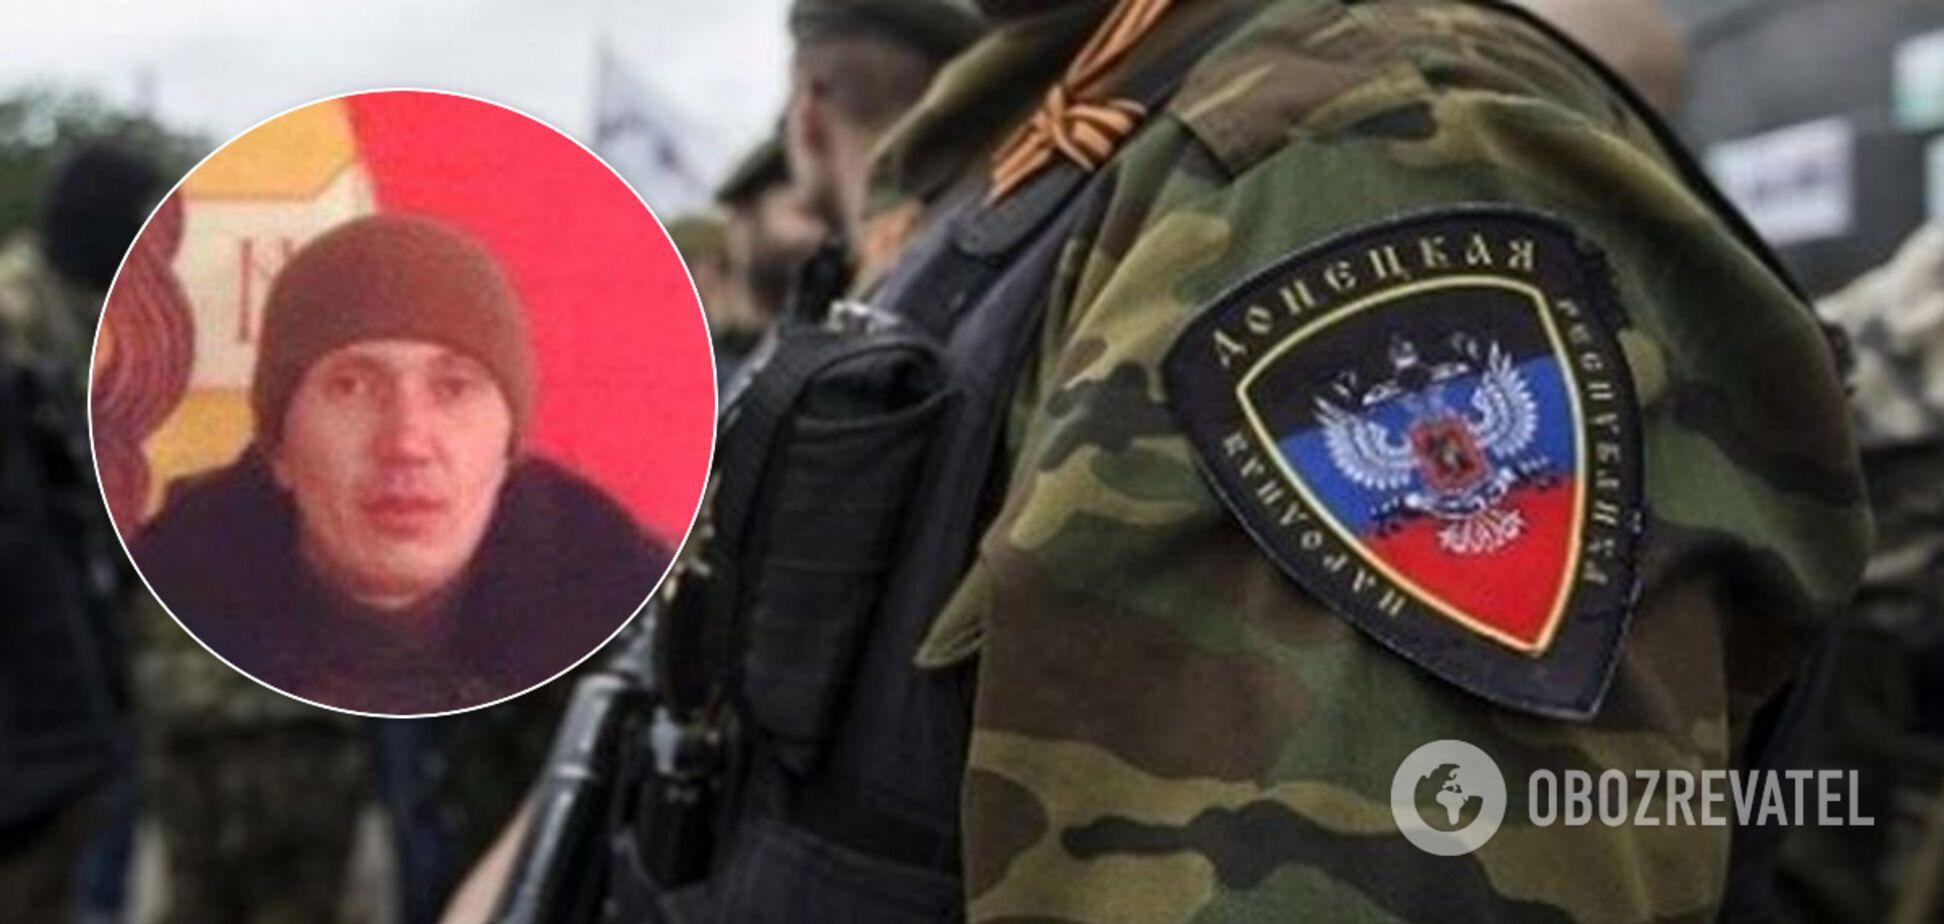 Террориста 'ДНР' из батальона 'Моторолы' посадили за решетку в Казахстане